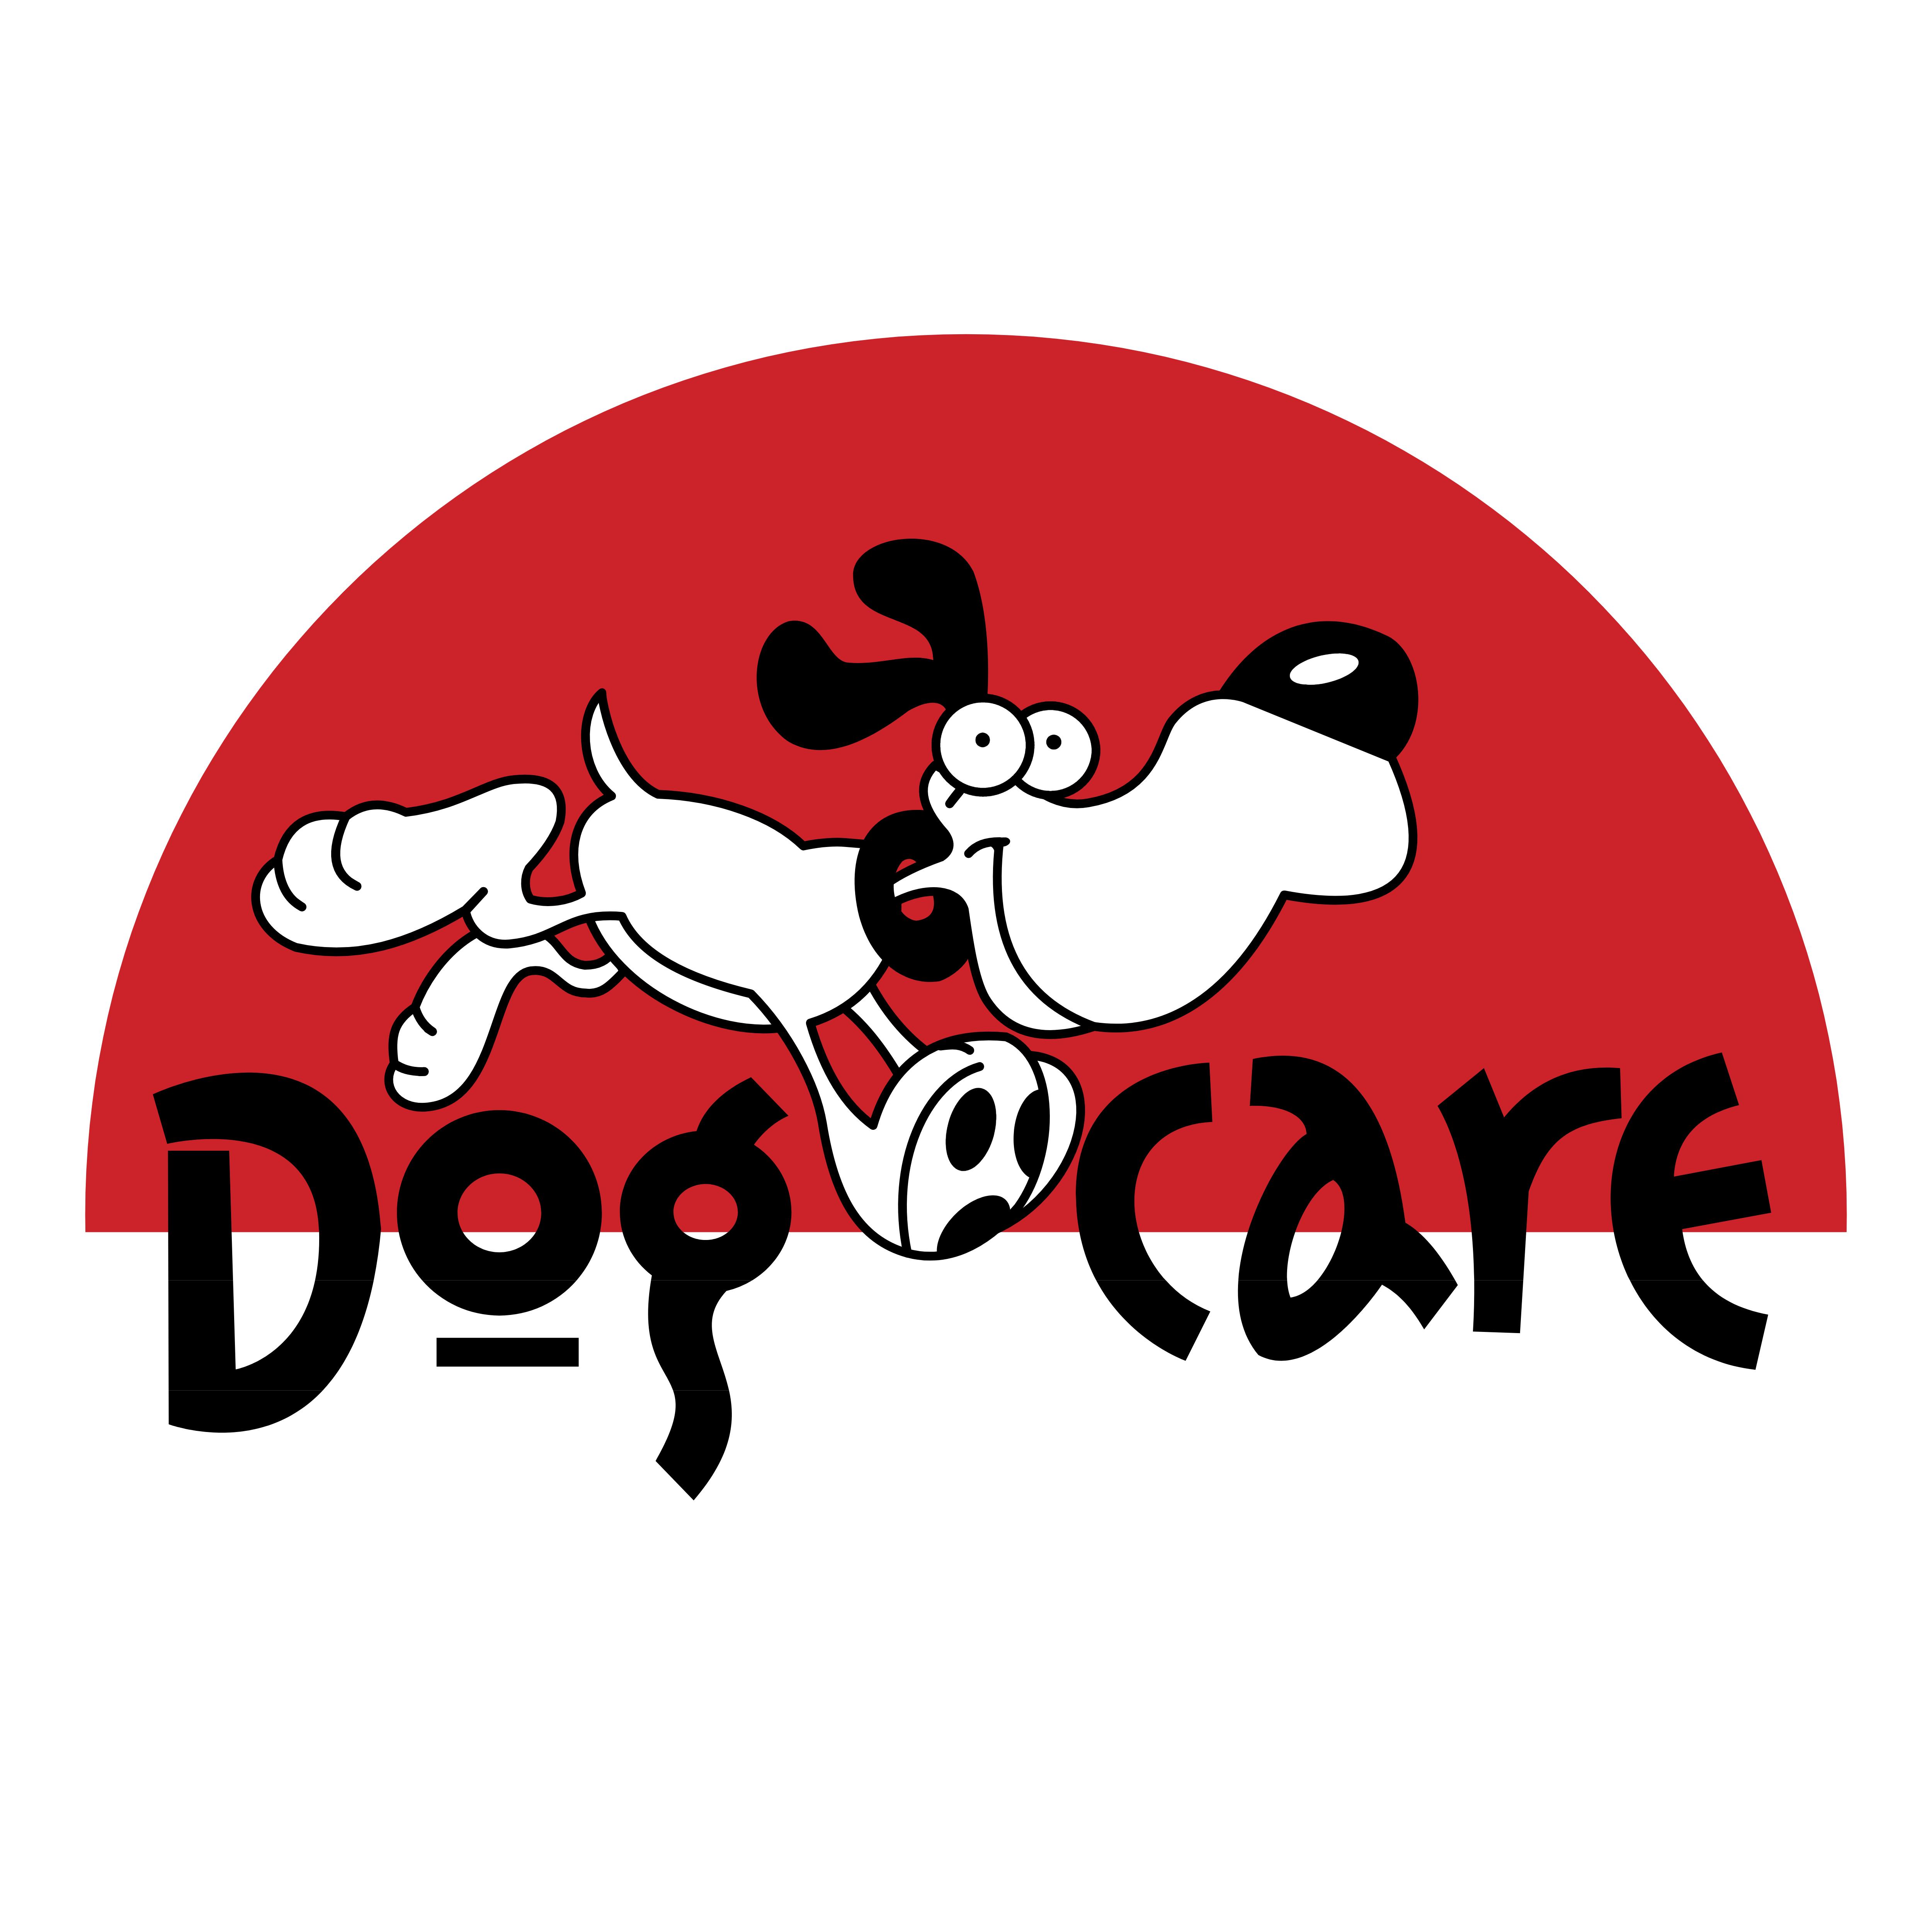 Dog Care - Logos Download